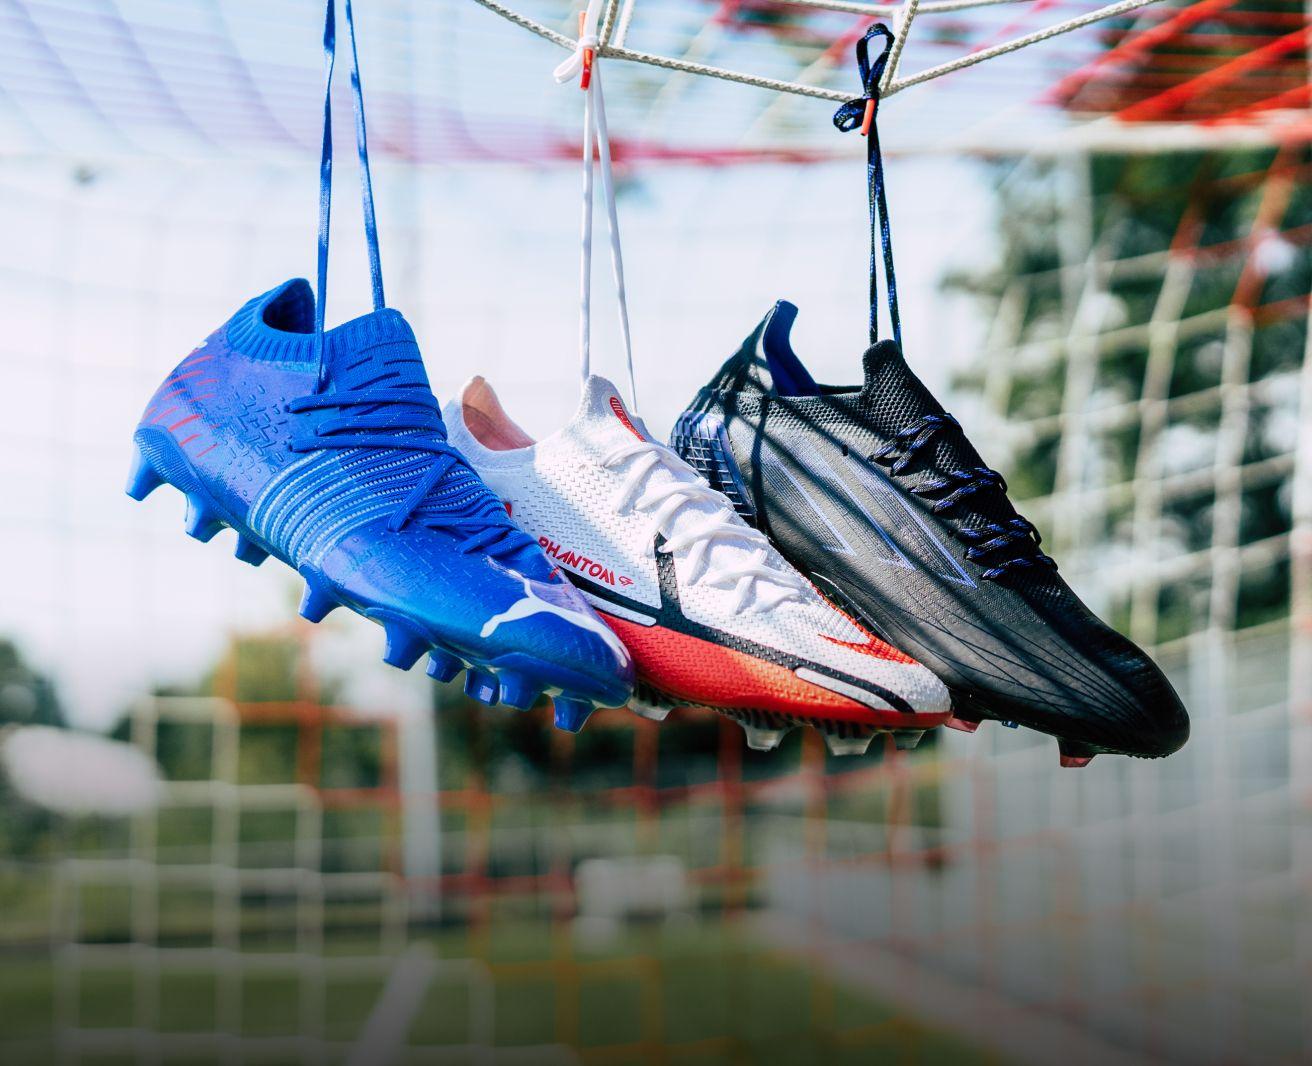 de nieuwste voetbalschoenen